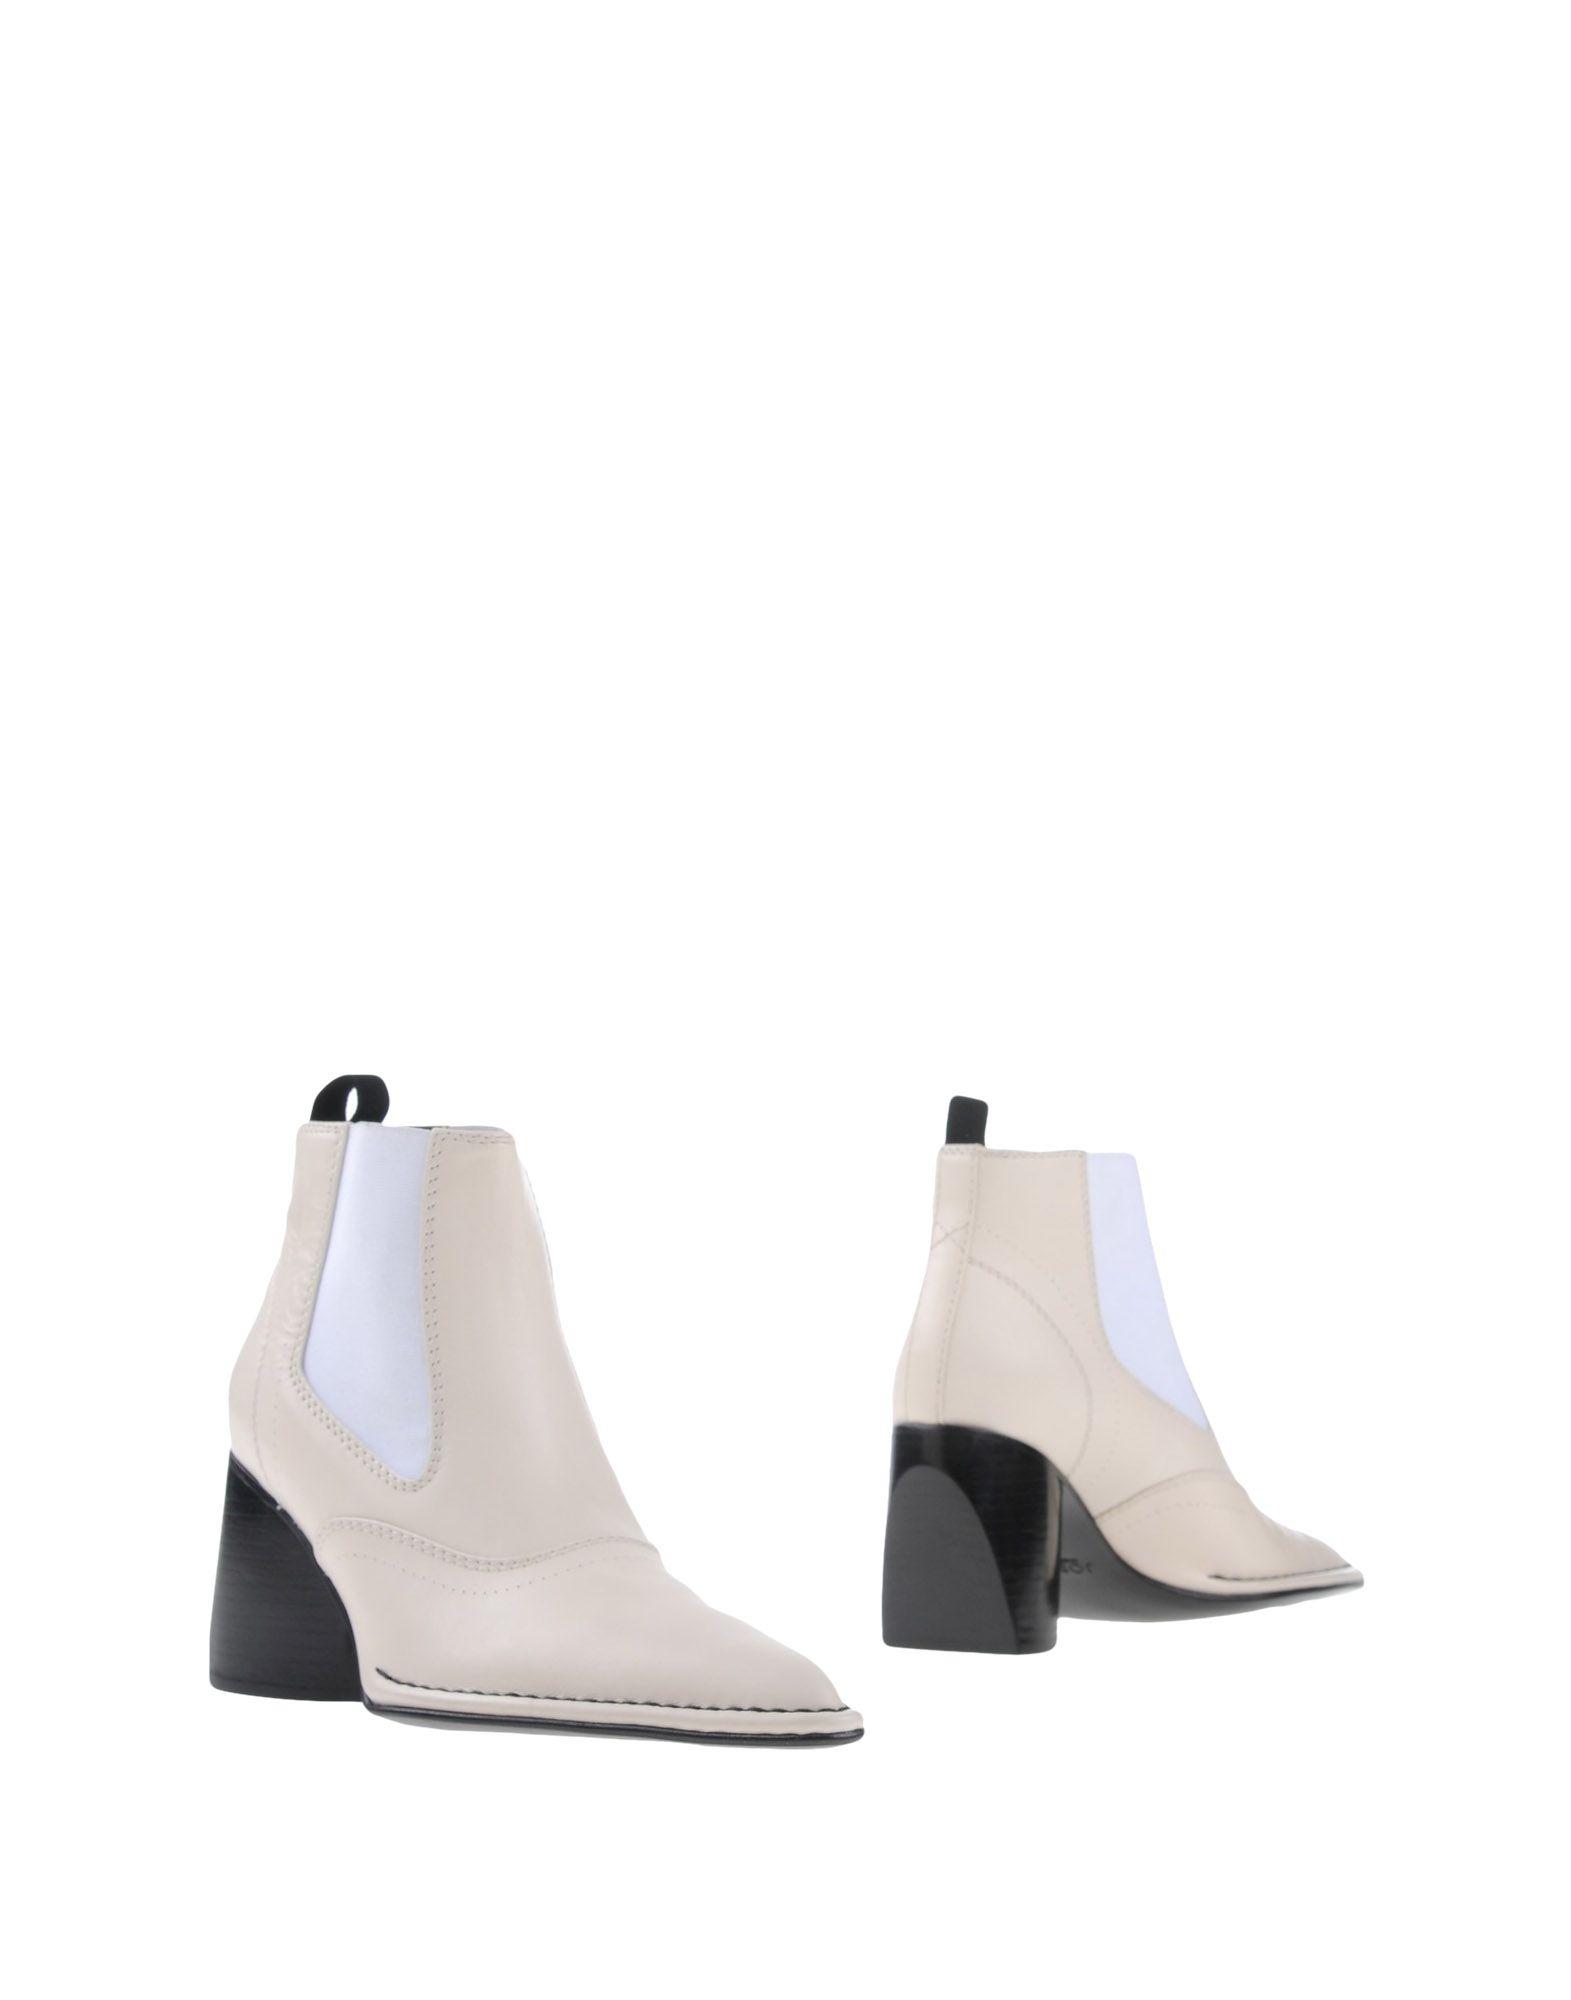 JOSEPH Полусапоги и высокие ботинки купить футбольную форму челси торрес